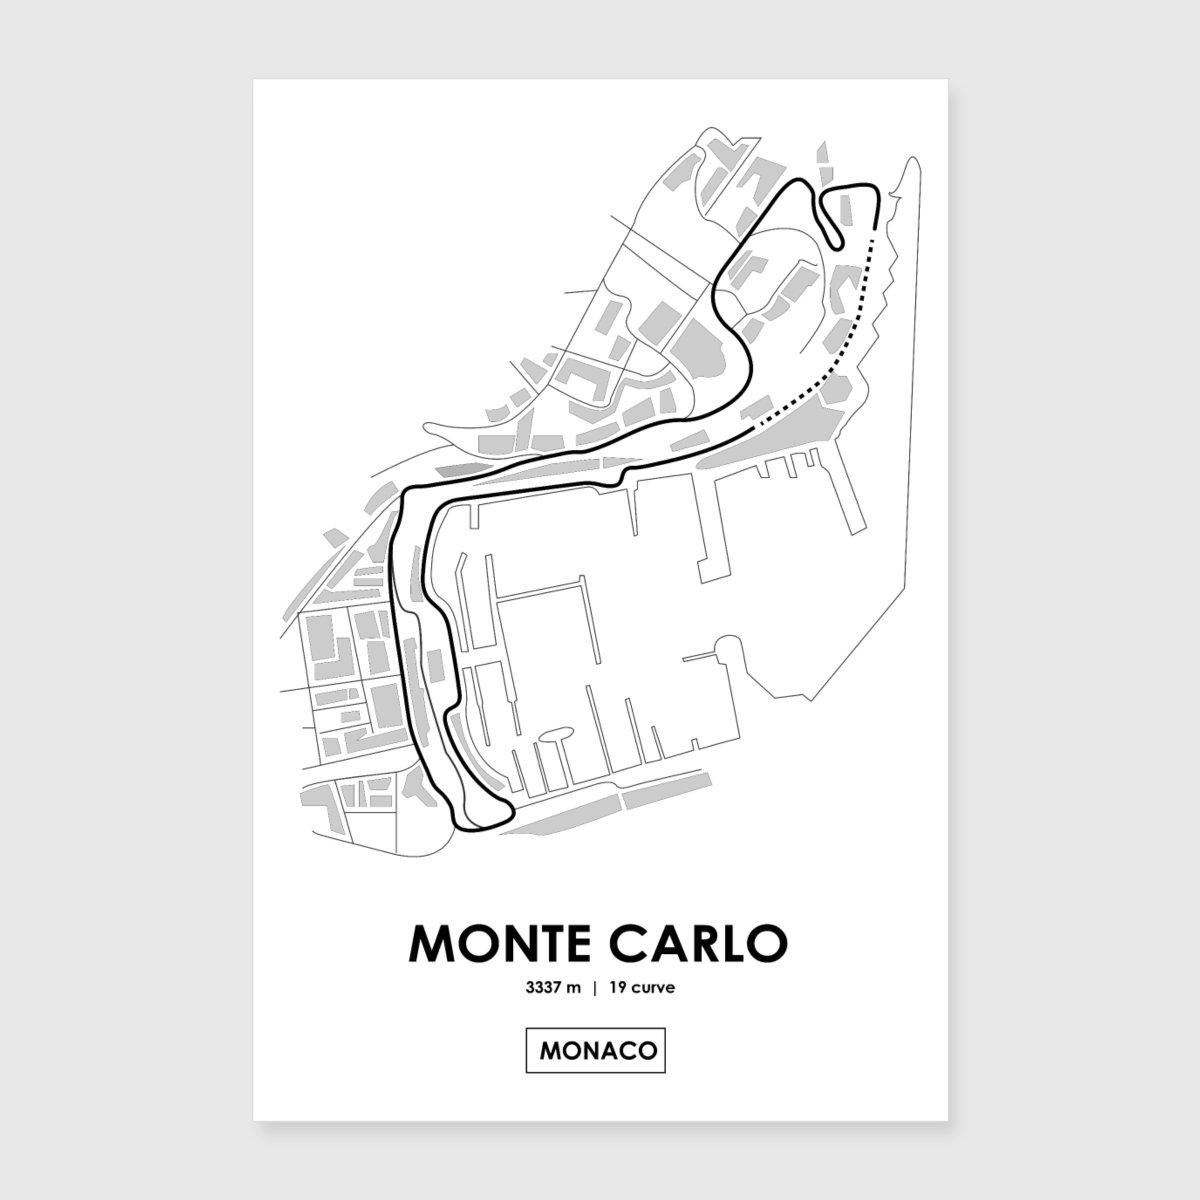 Circuito Monaco : Circuito f monaco di andreanastasio spreadshirt